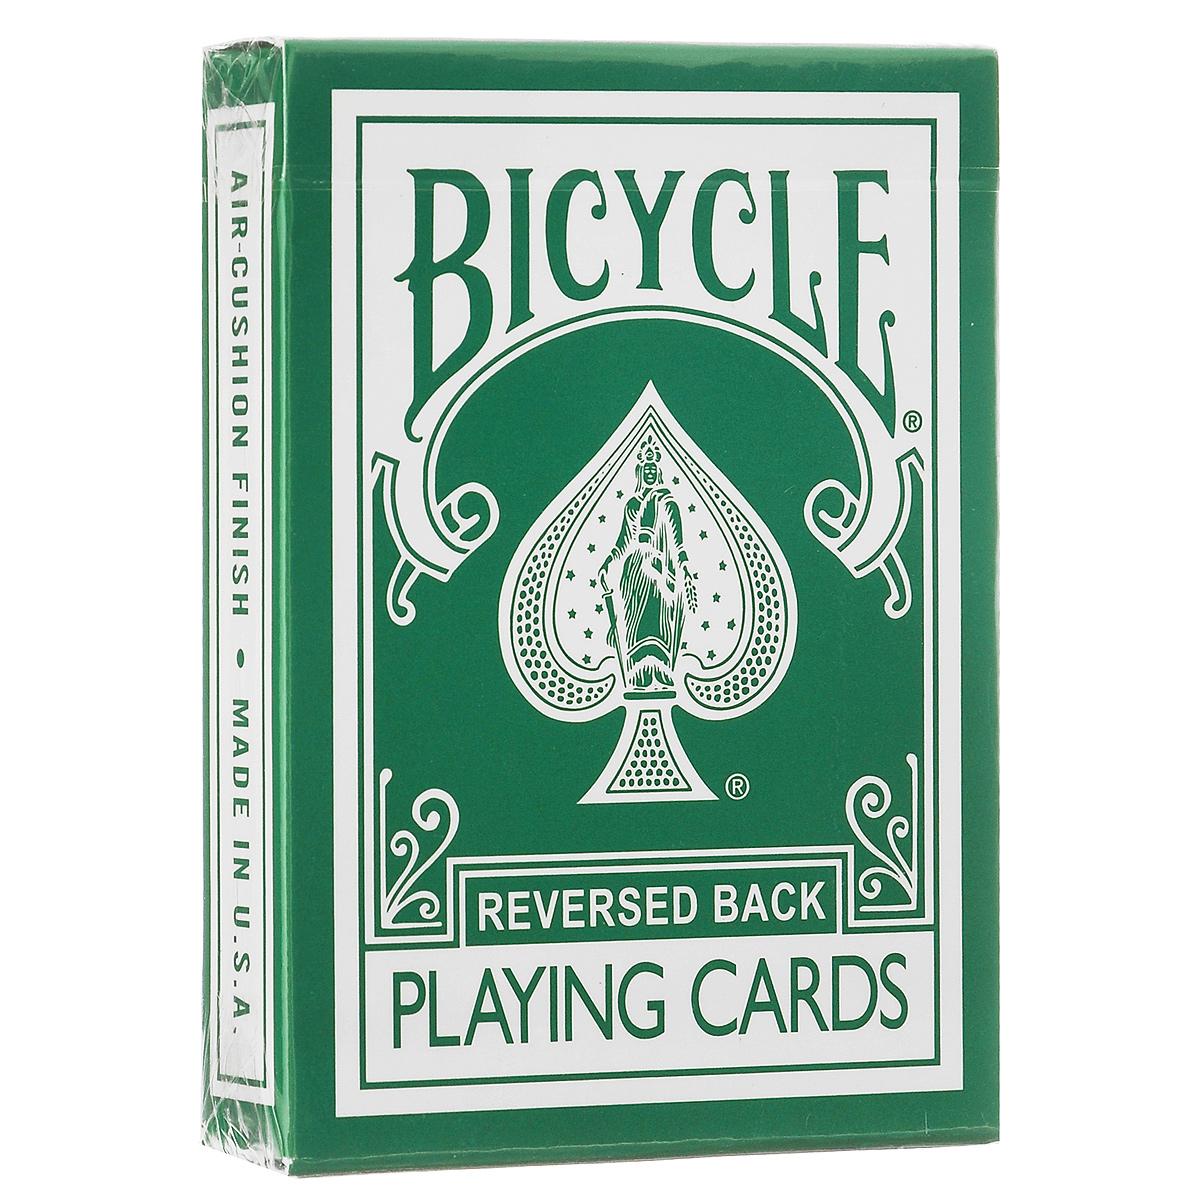 Карты игральные Bicycle Reversed Back, цвет: зеленыйК-222Игральные карты Bicycle Reversed Back станут прекрасным подарком для всех любителей карточных игр. Карты этой оригинальной колоды имеют стильный и реалистичный старинный вид. Такие карты подходят для фокусов, покера и любых других карточных игр. Идеальный вариант как для новичков, так и для профессионалов. Кроме 52 стандартных карт в этой колоде вы найдете 4 дополнительных специальных карты, которые вознесут вас к вершинам мастерства.